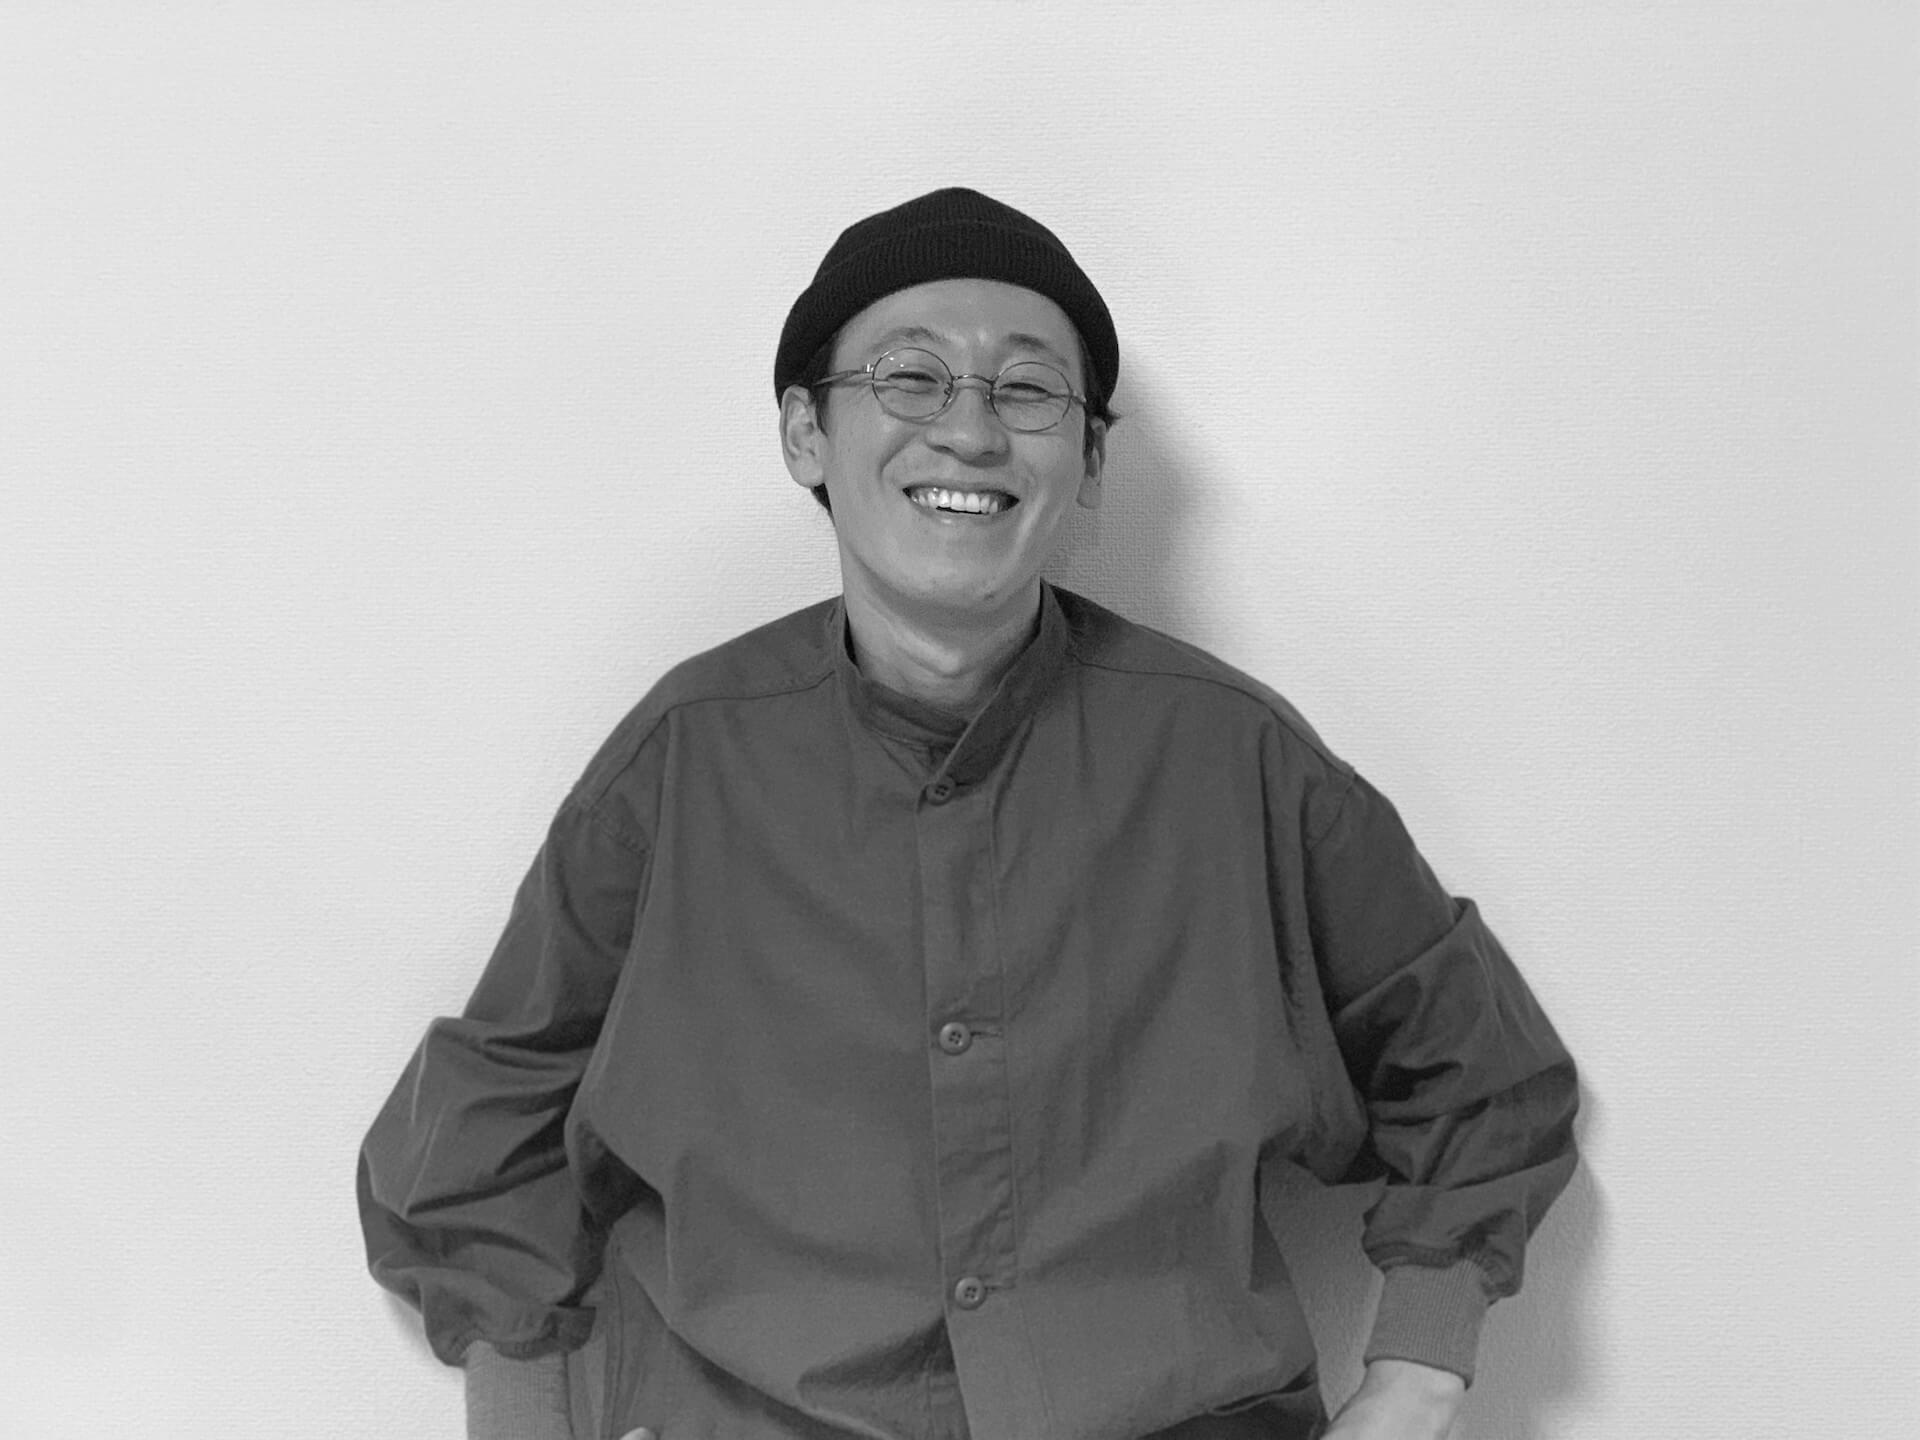 アートブックノススメ:番外編 nutsman -『へたも絵のうち』/熊谷守一 column210506-nutsman-3